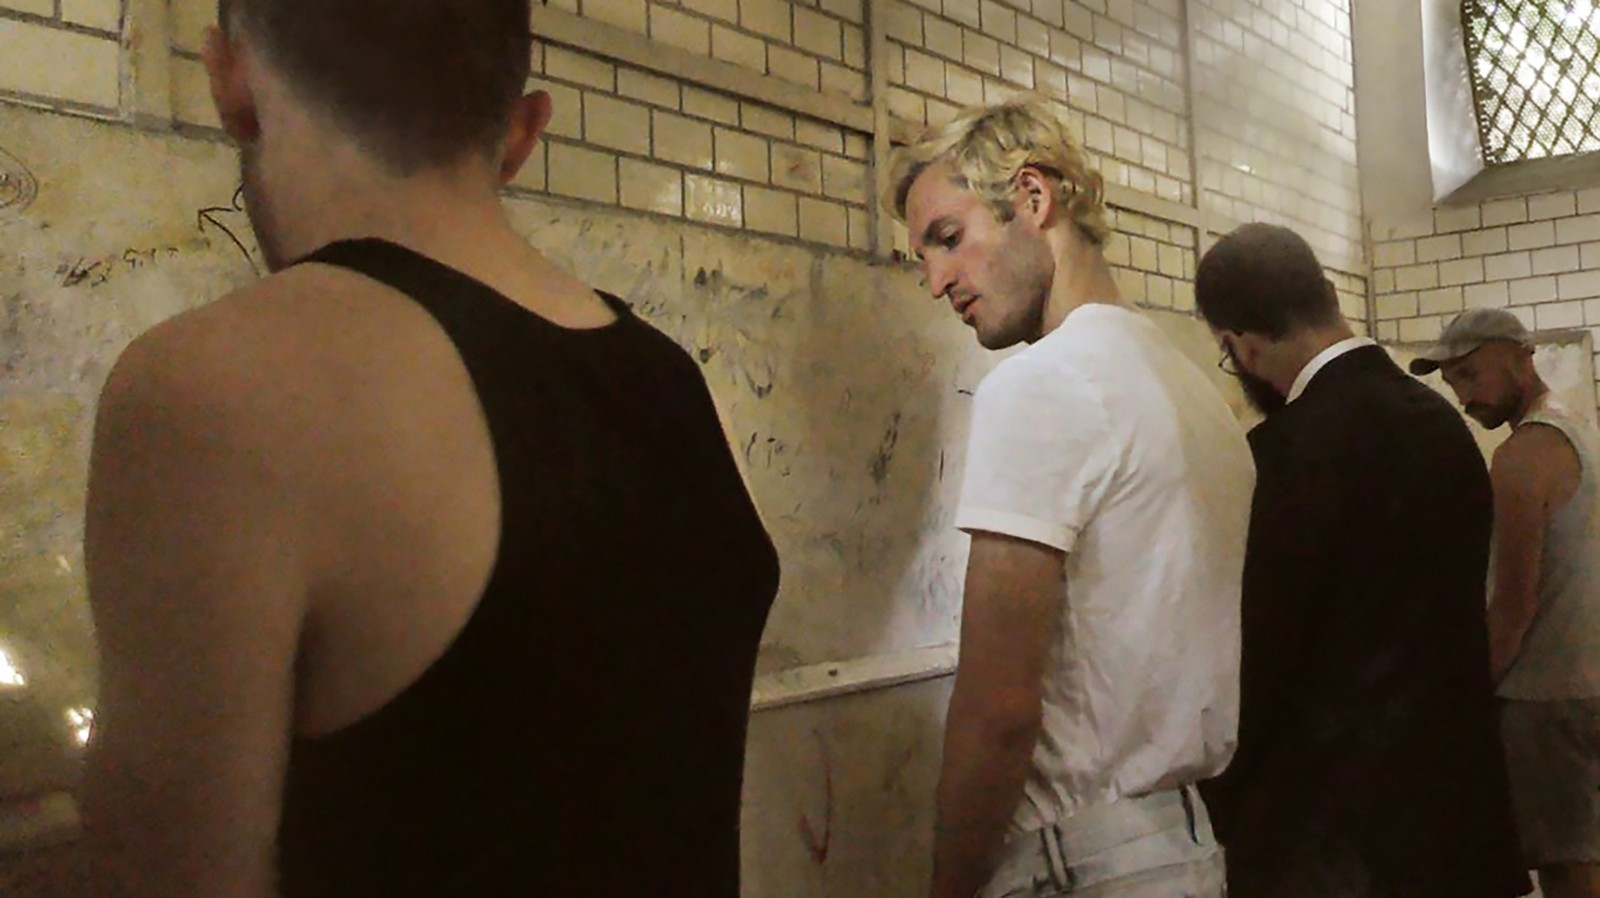 Le doux parfum des pissotières, lieux de rencontres homos oubliés